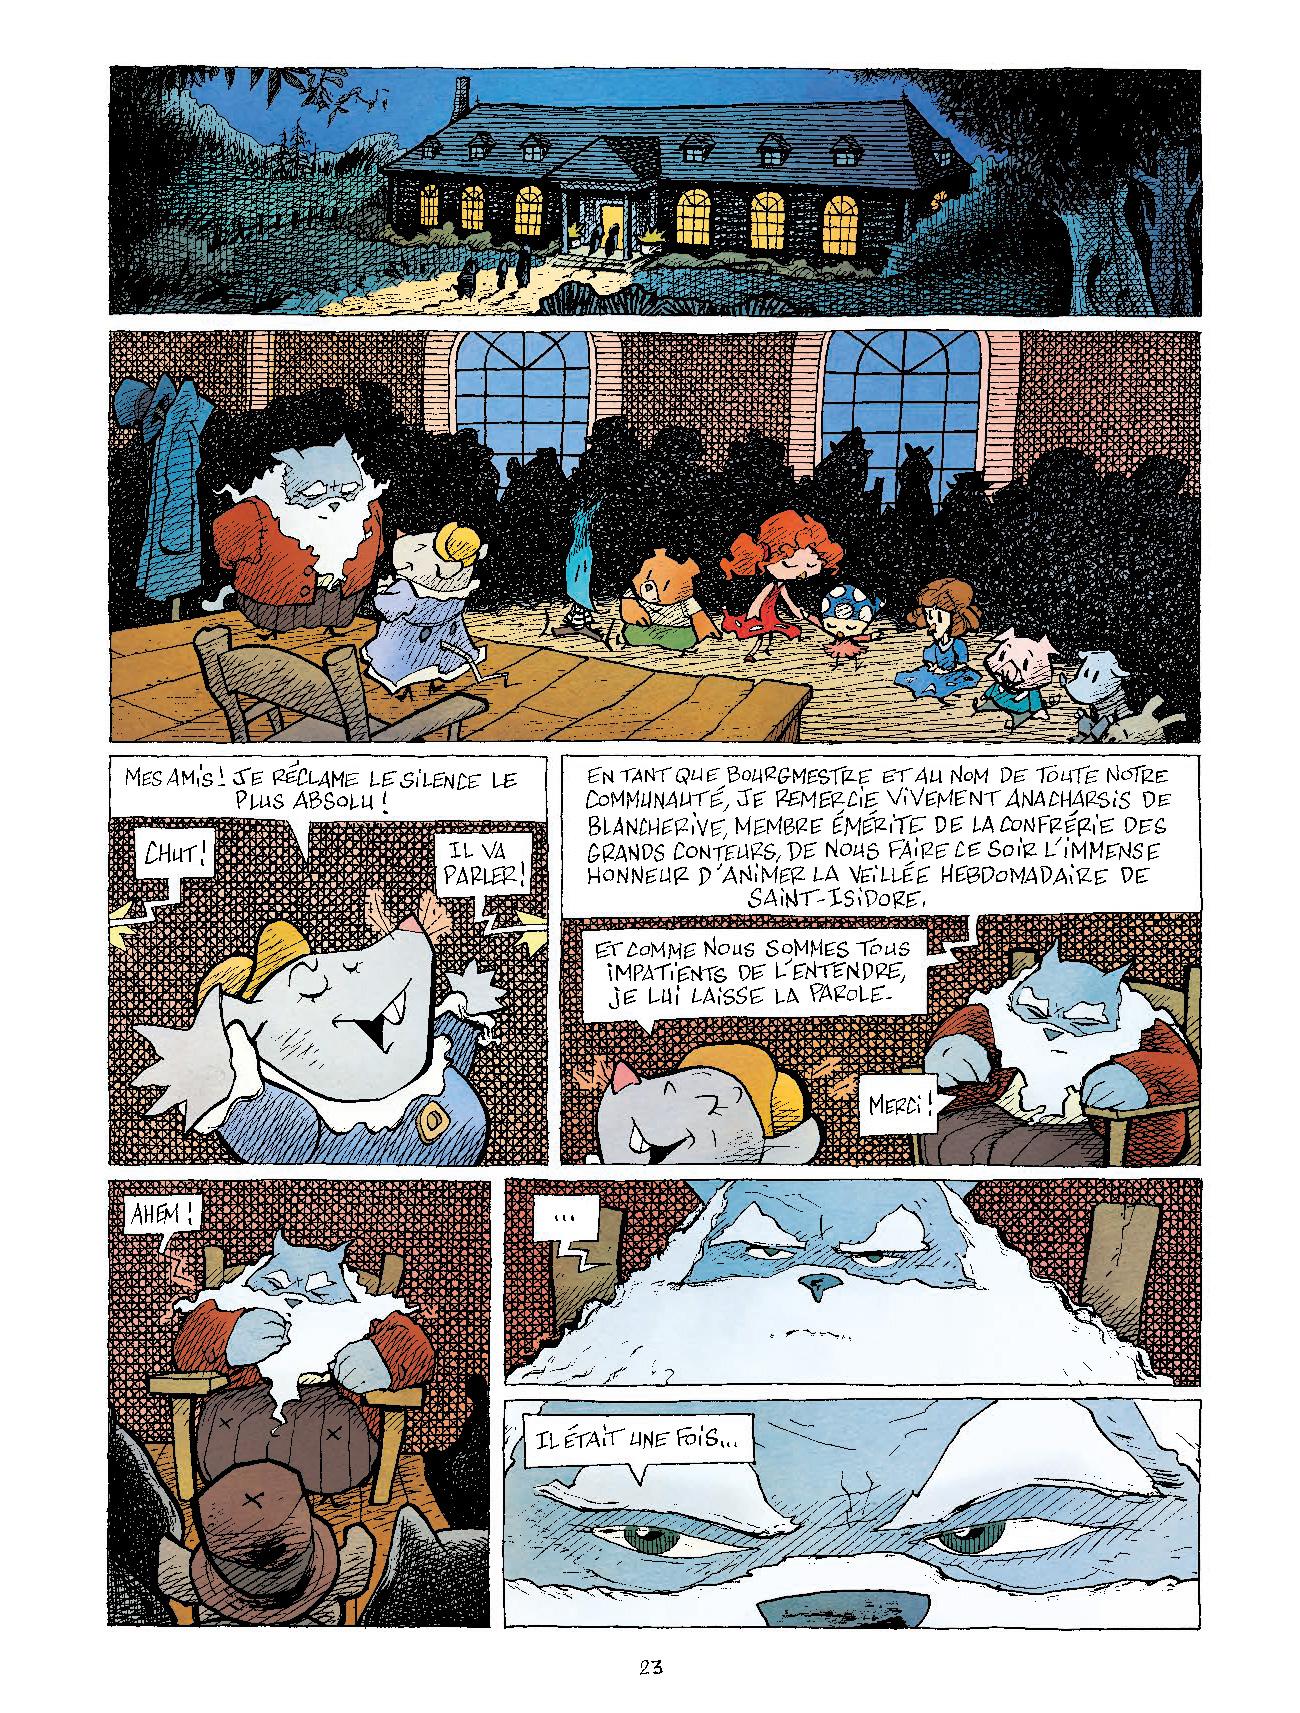 Extrait n°23 par Régis Hautière